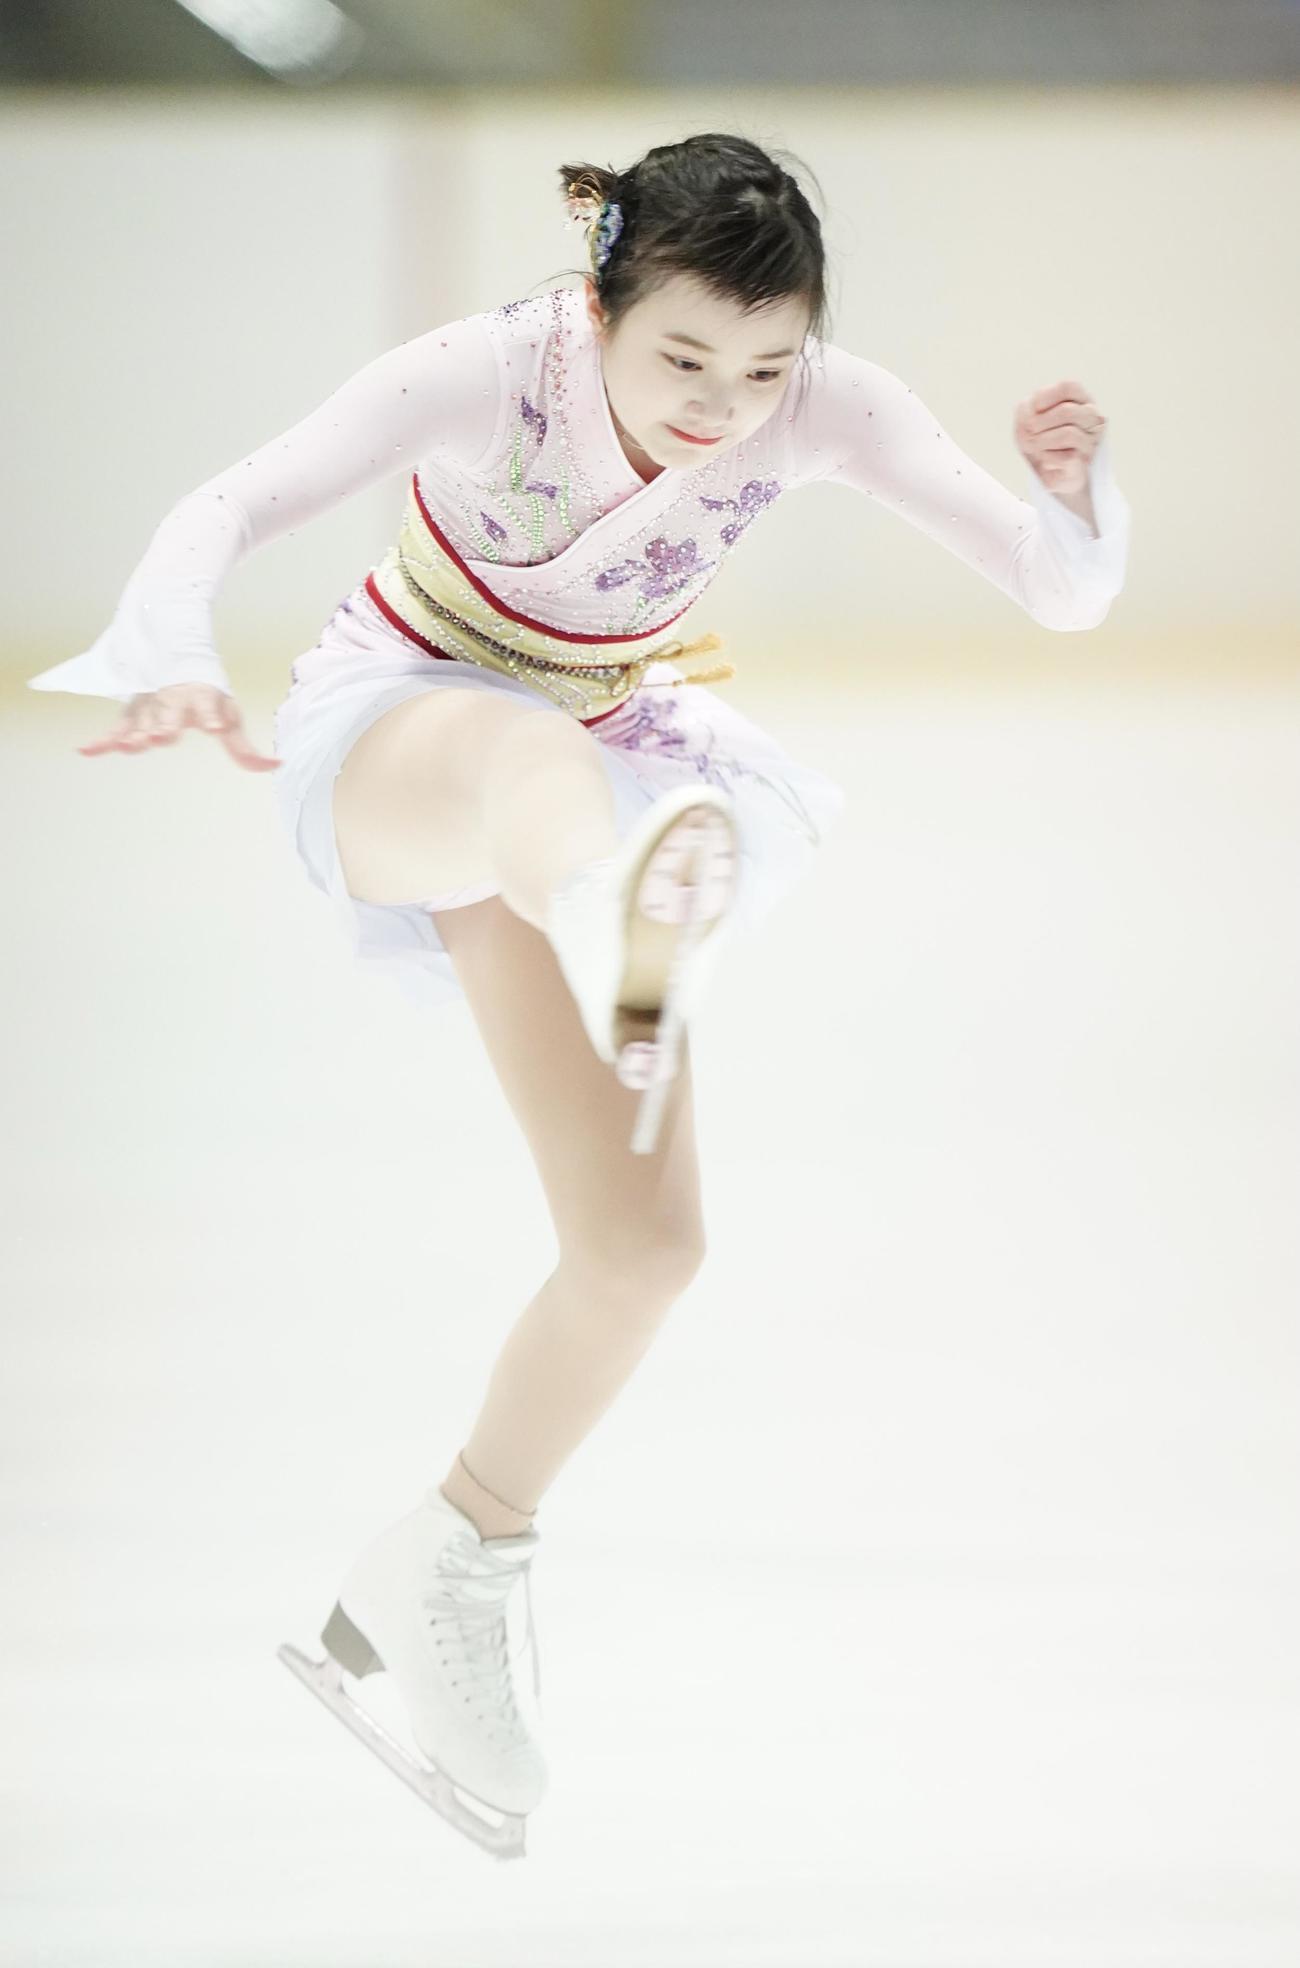 フィギュアスケート近畿選手権 ジュニア女子フリープログラム 演技する本田紗来(代表撮影)